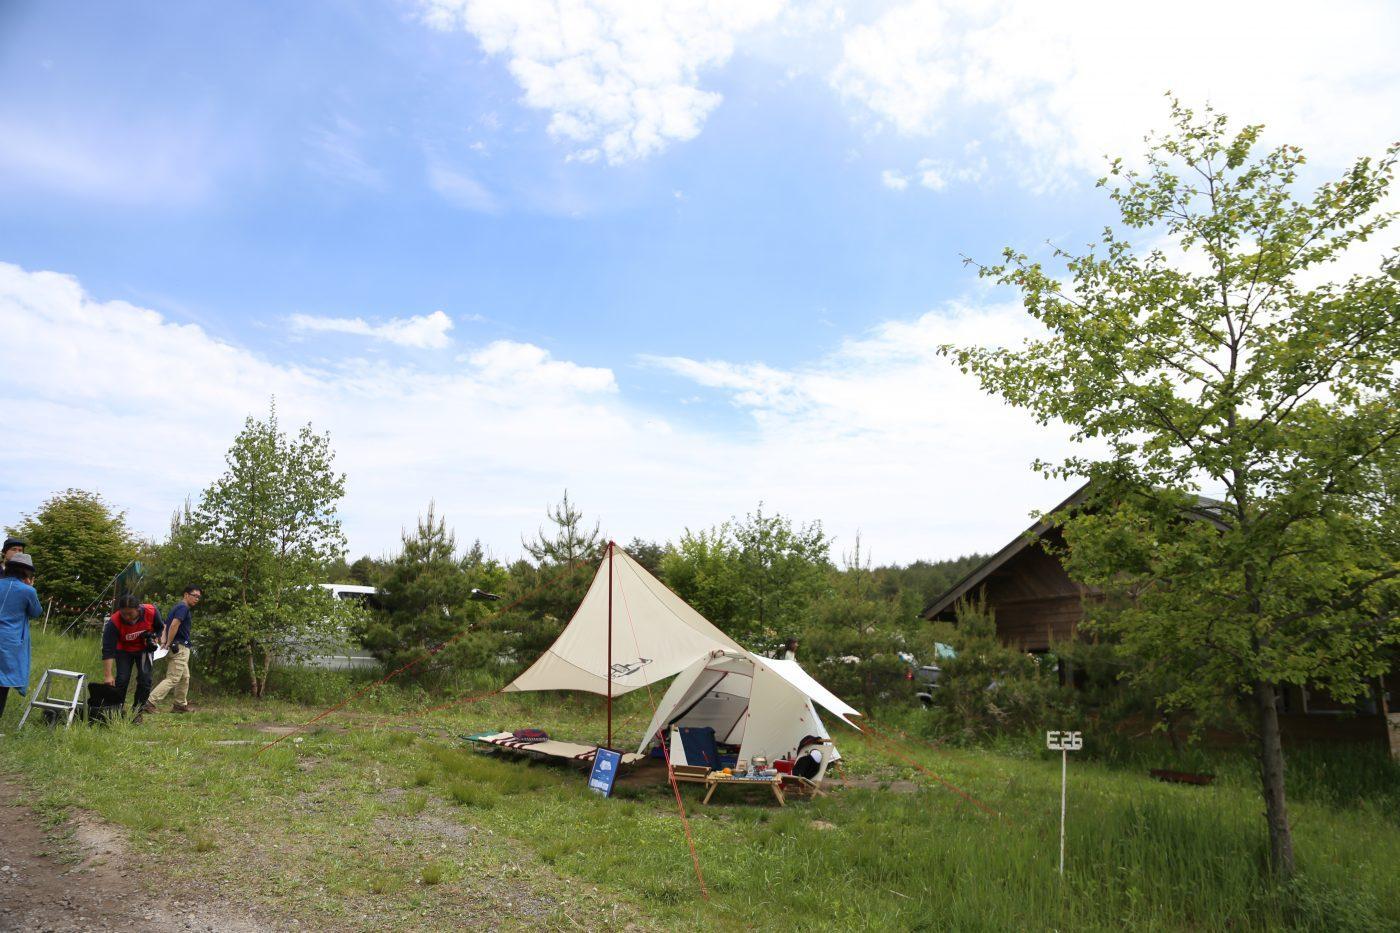 無印 良品 カンパーニャ 嬬恋 キャンプ 場